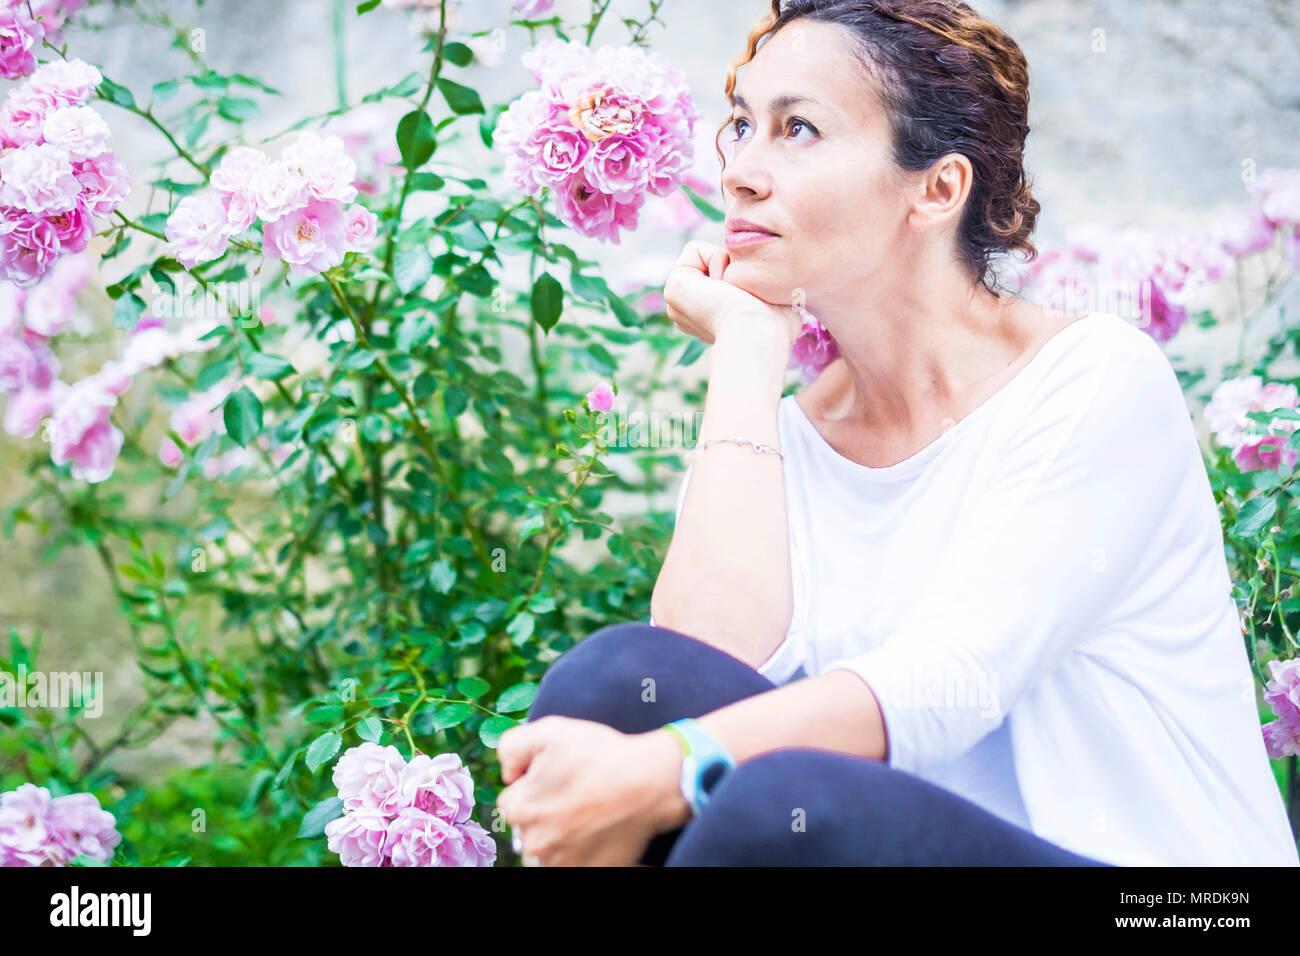 Schöne wooman 40 Jahre alt aussehen an ihrer Seite denken glücklich. Rosen Blume Hintergrund. Natur outdoor Farben. Stockbild